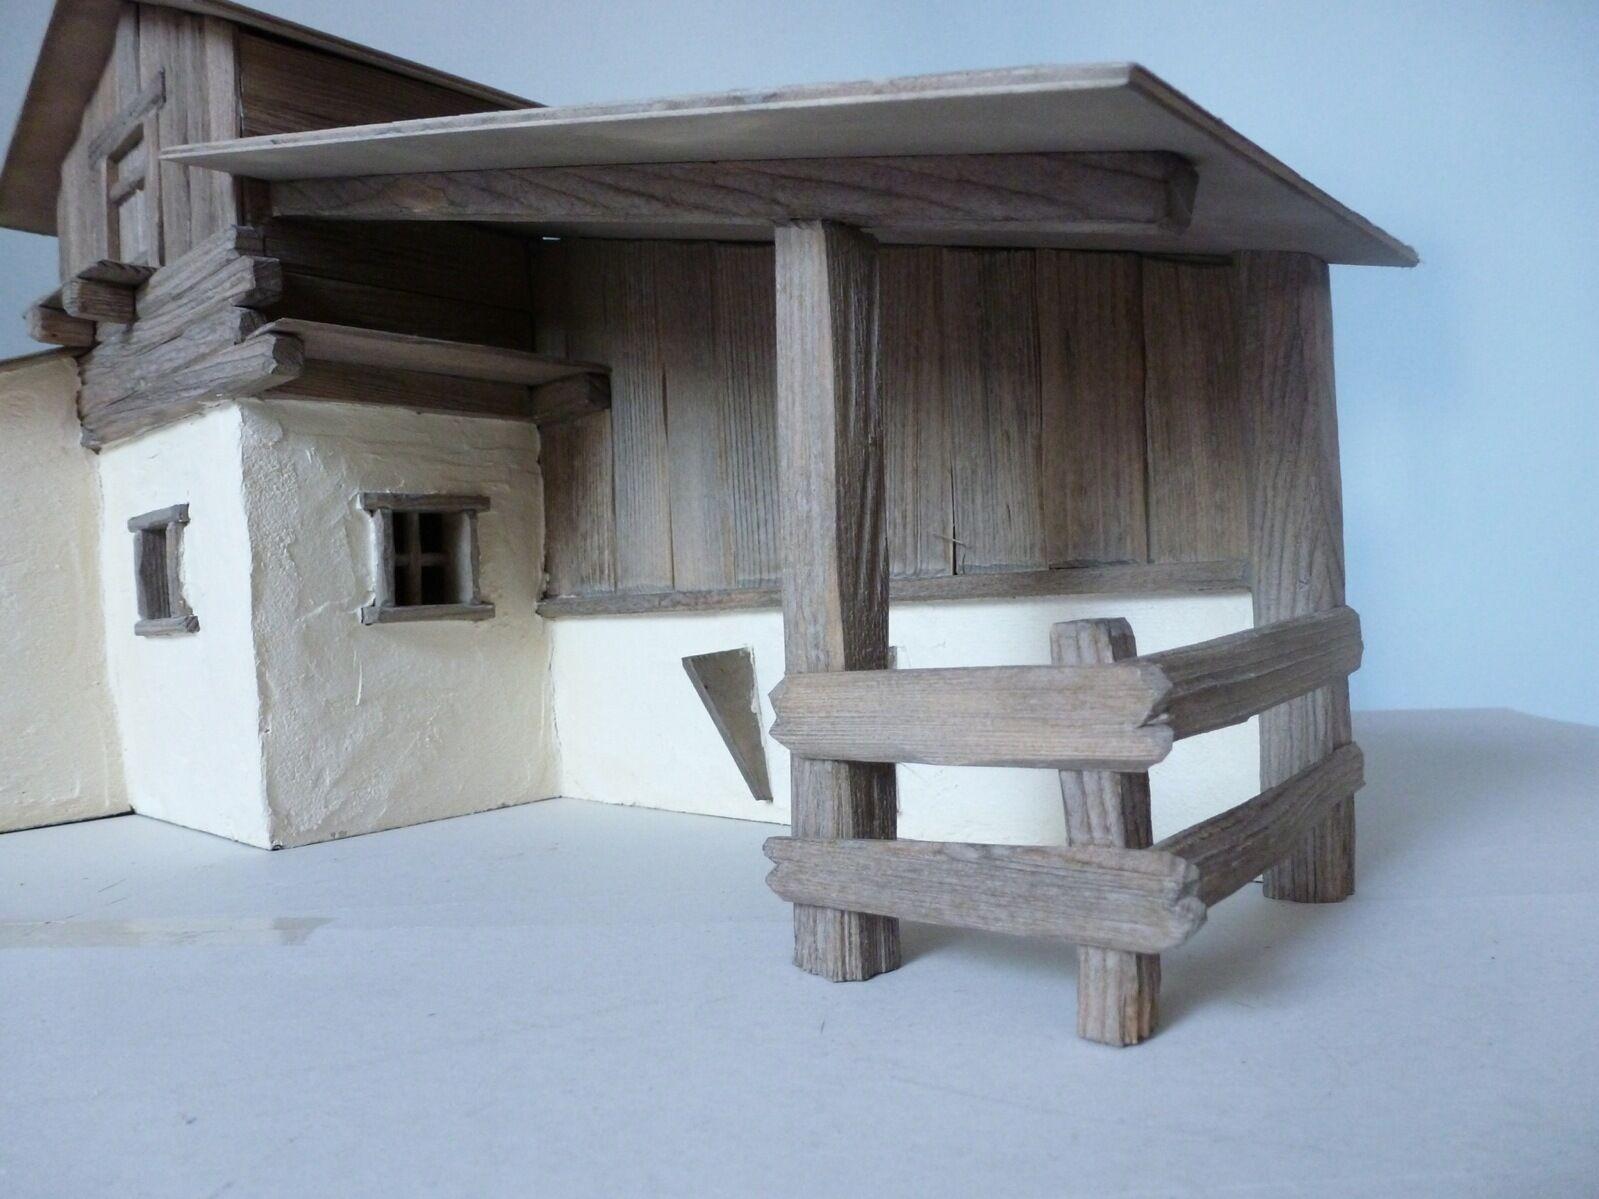 krippenbausatz krippe bergbach 11 12cm bausatz zum krippe selber bauen eur 69 90 picclick de. Black Bedroom Furniture Sets. Home Design Ideas